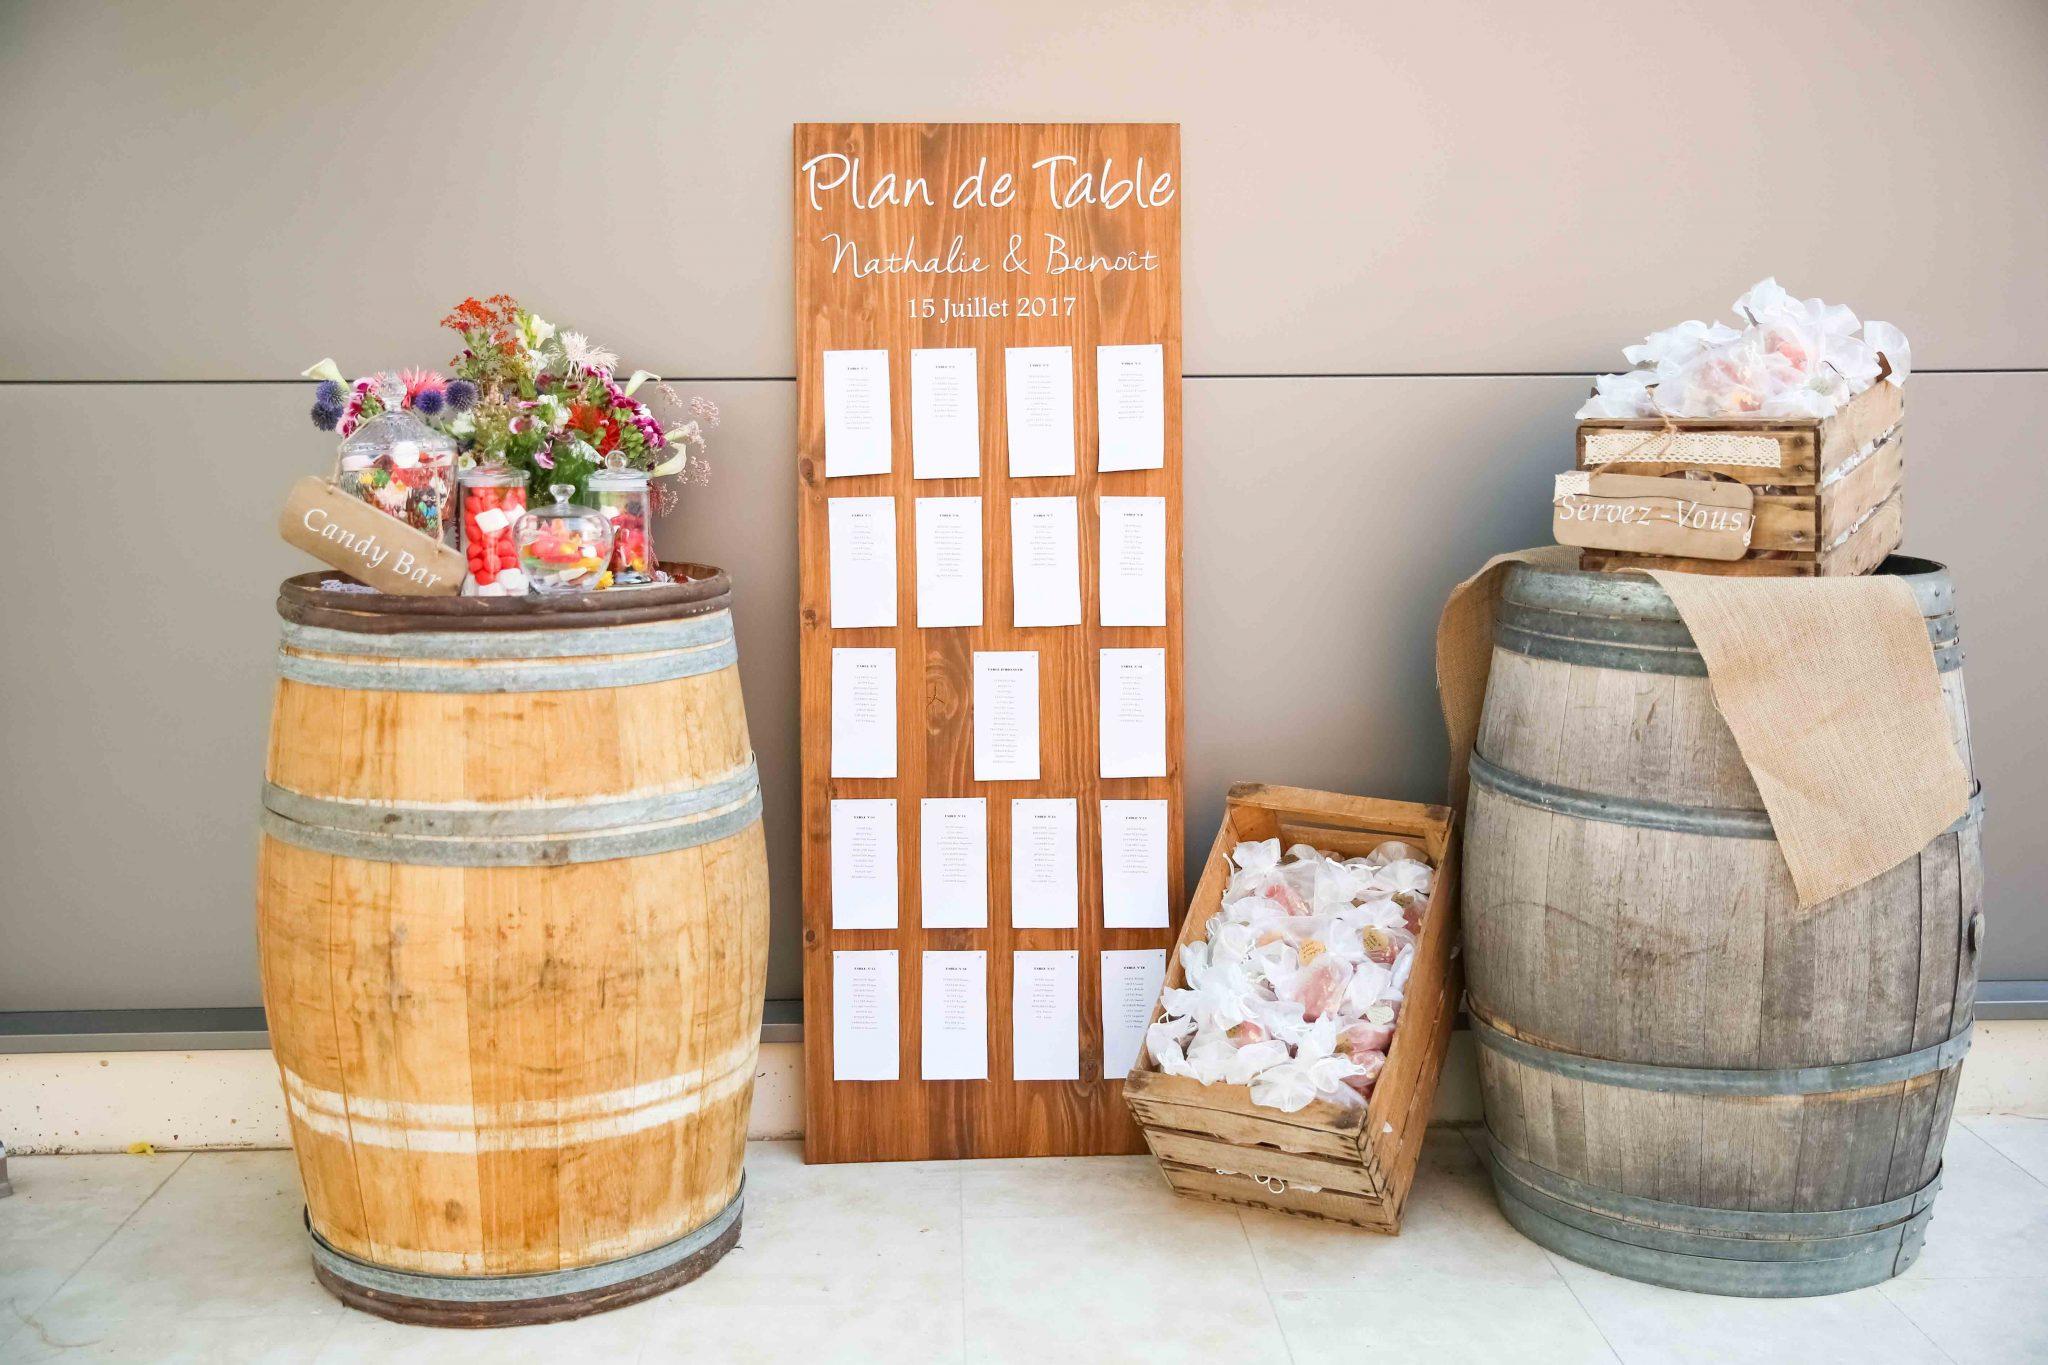 Plan de table wedding